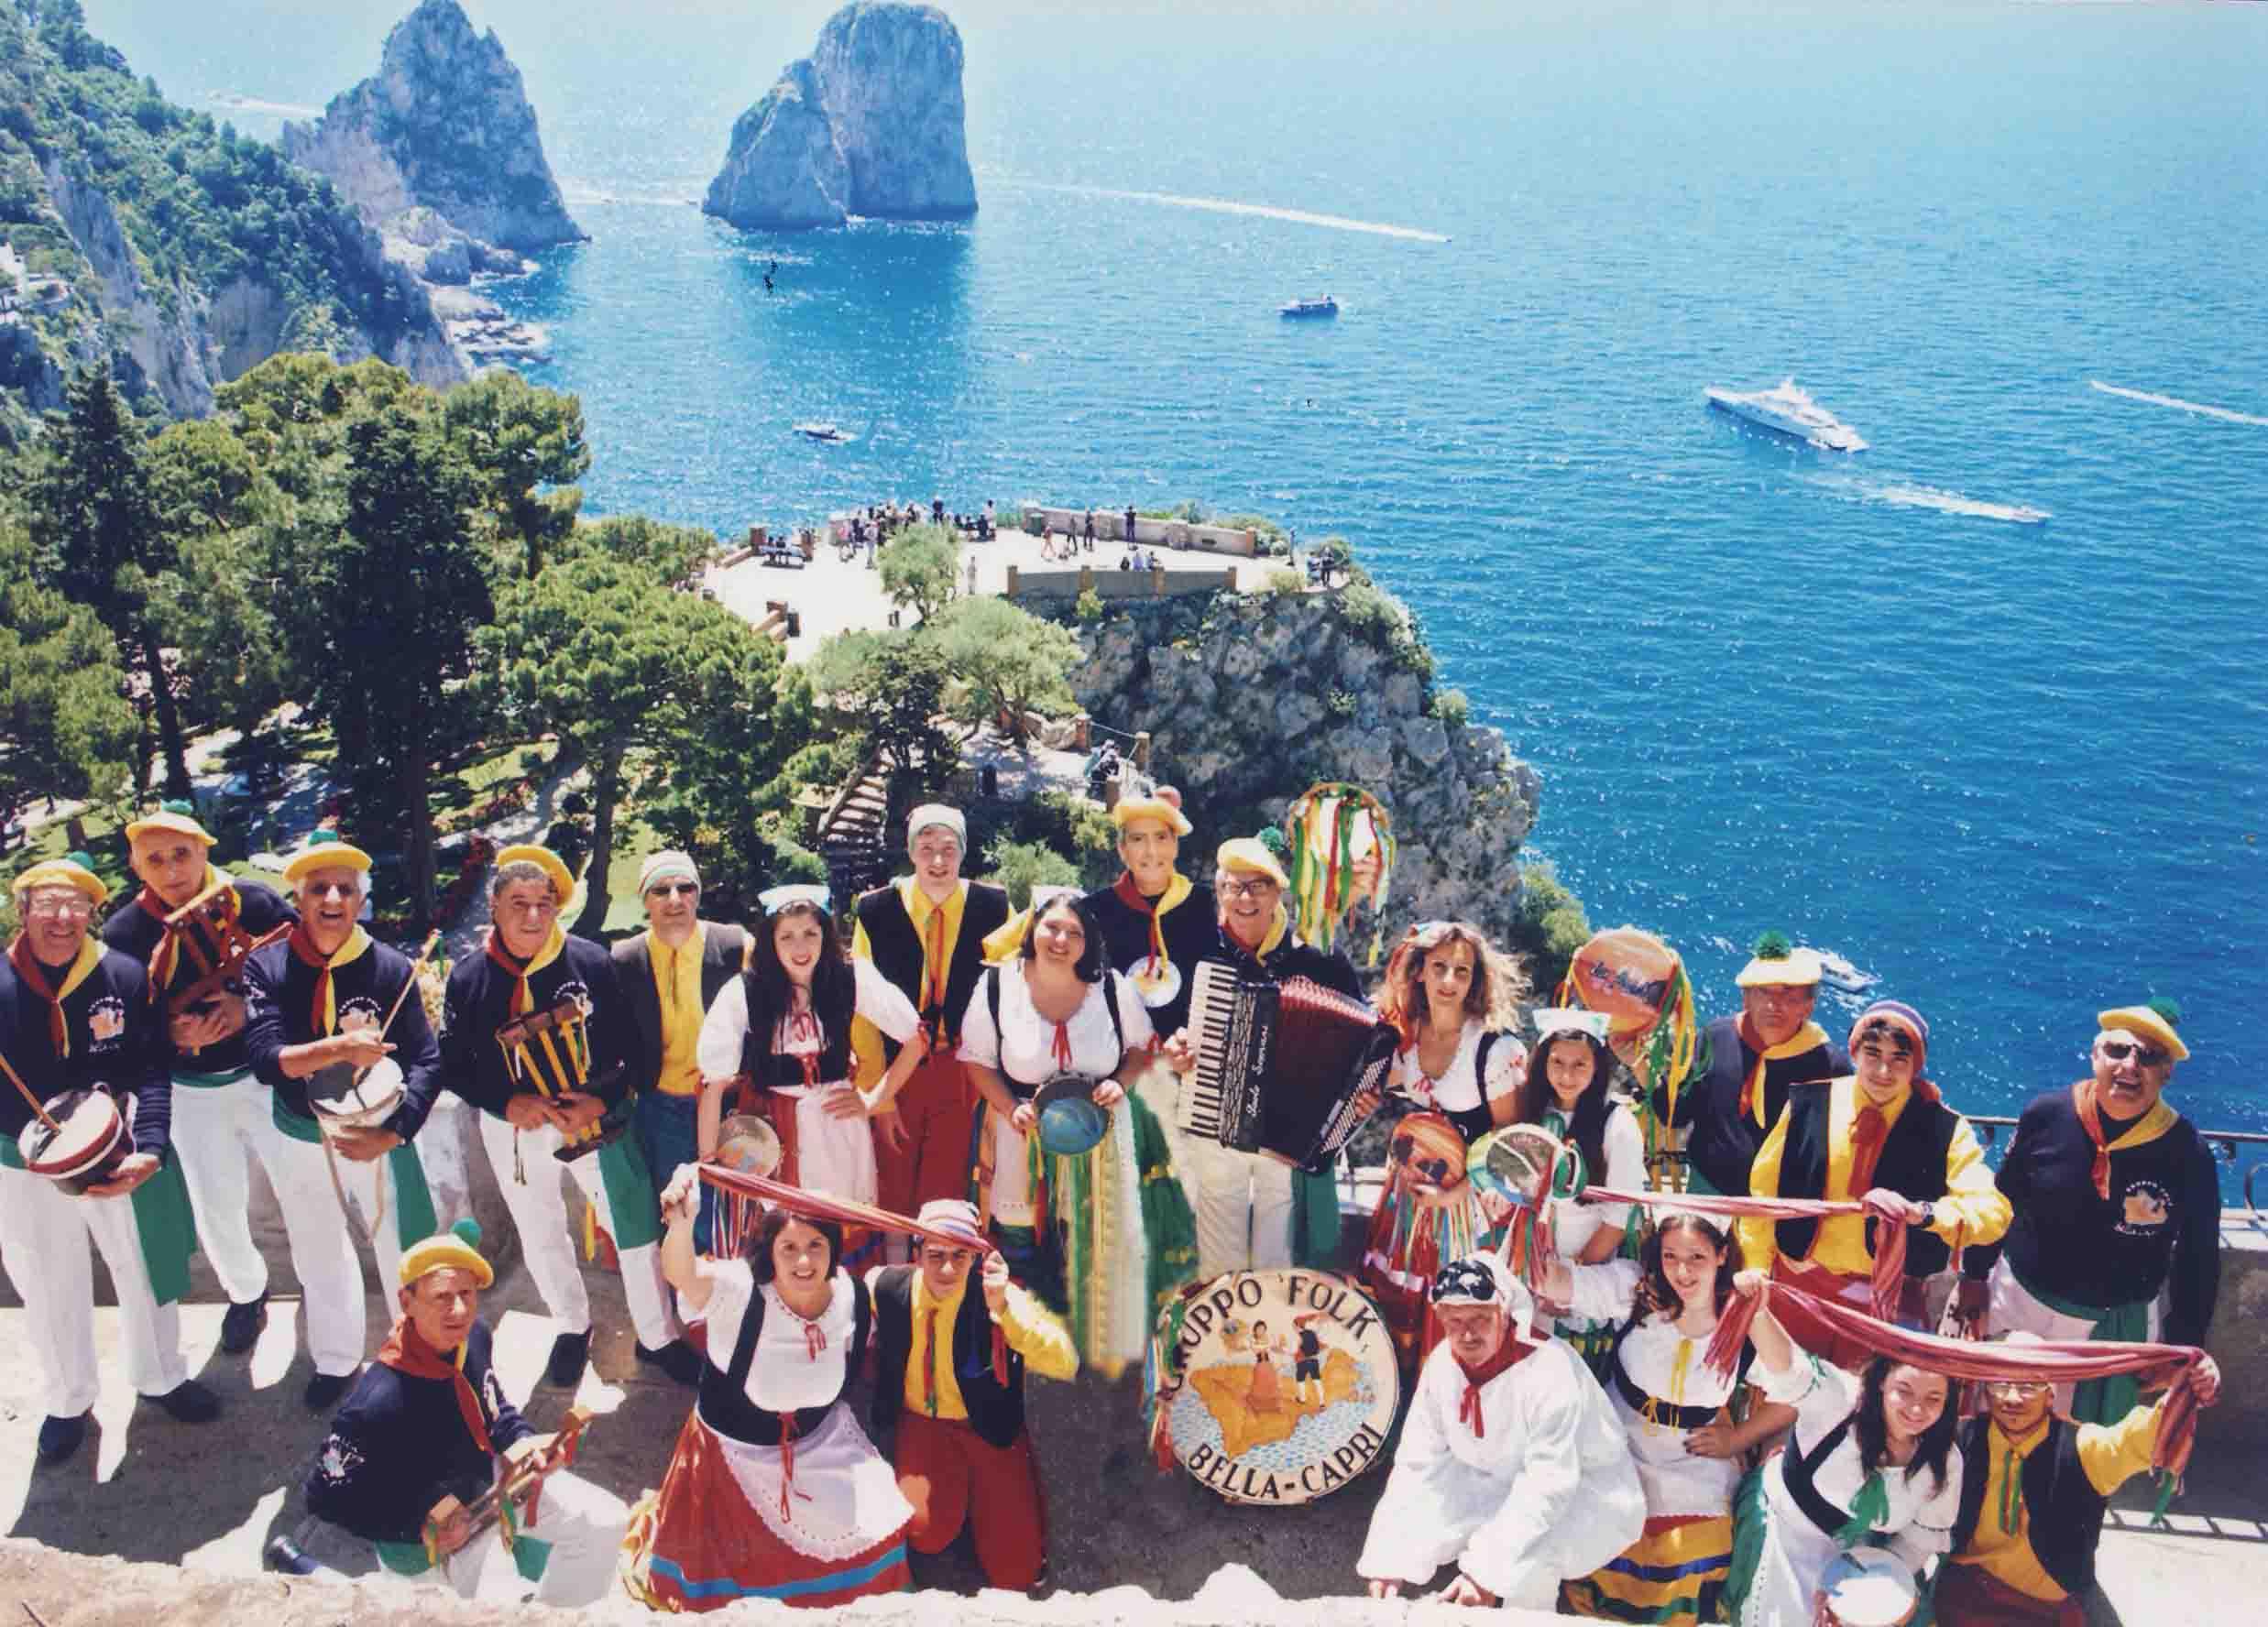 Il Gruppo Folk Bella Capri devolve contributo economico alla San Vincenzo de Paoli, Ass. di volontariato molto attiva sull'isola di Capri.